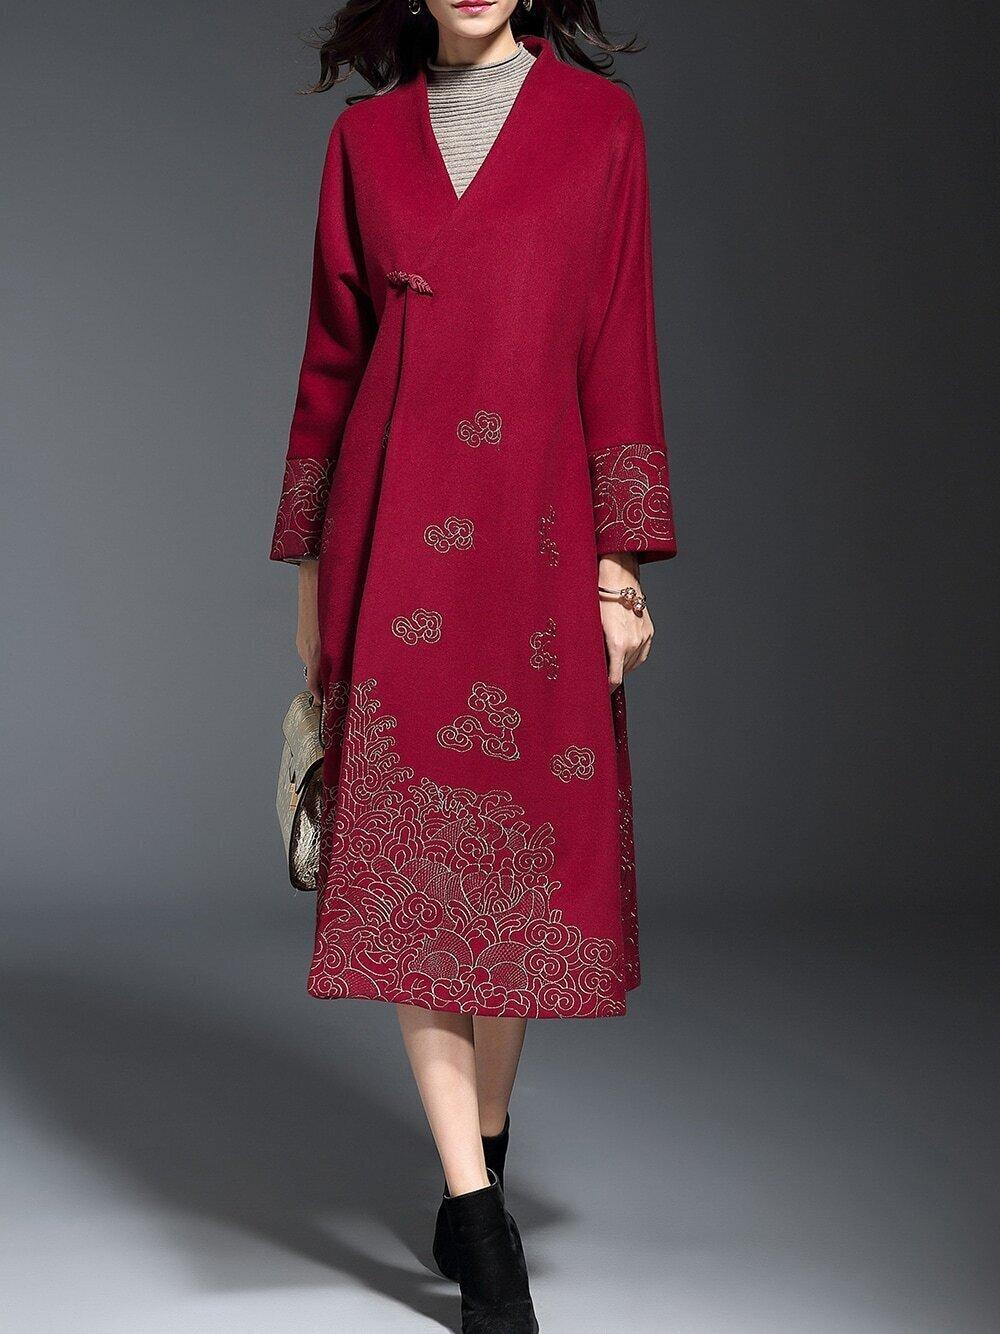 Пальто с вышивкой (60 фото модное 2018, с золотой вышивкой, с вышивкой) 99